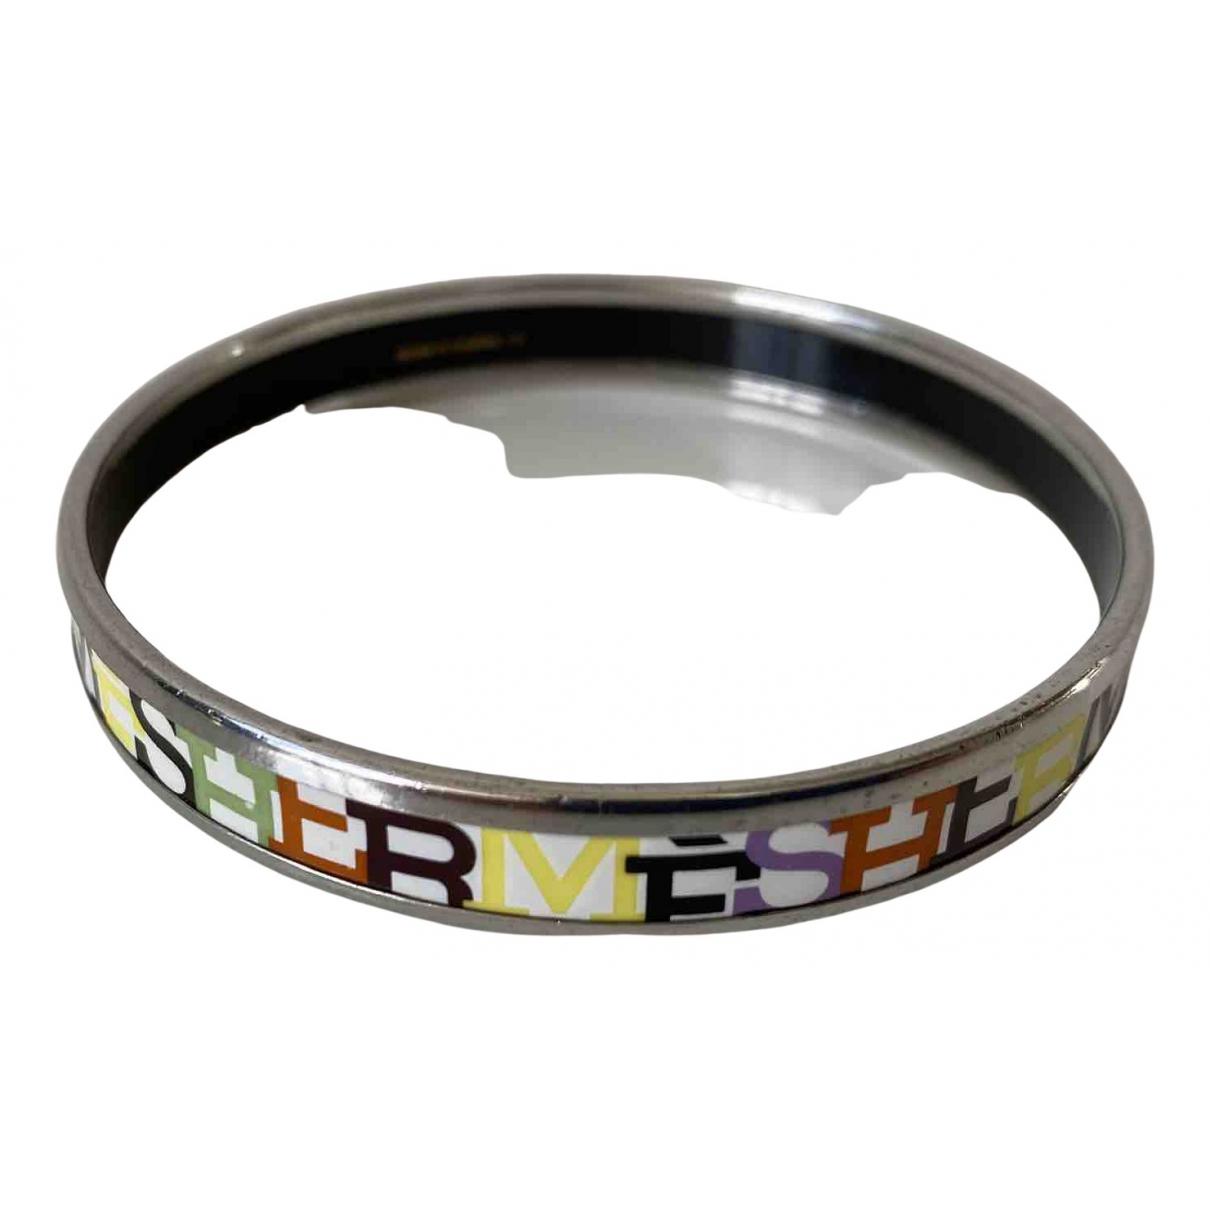 Hermes - Bracelet Bracelet Email pour femme en argent - multicolore